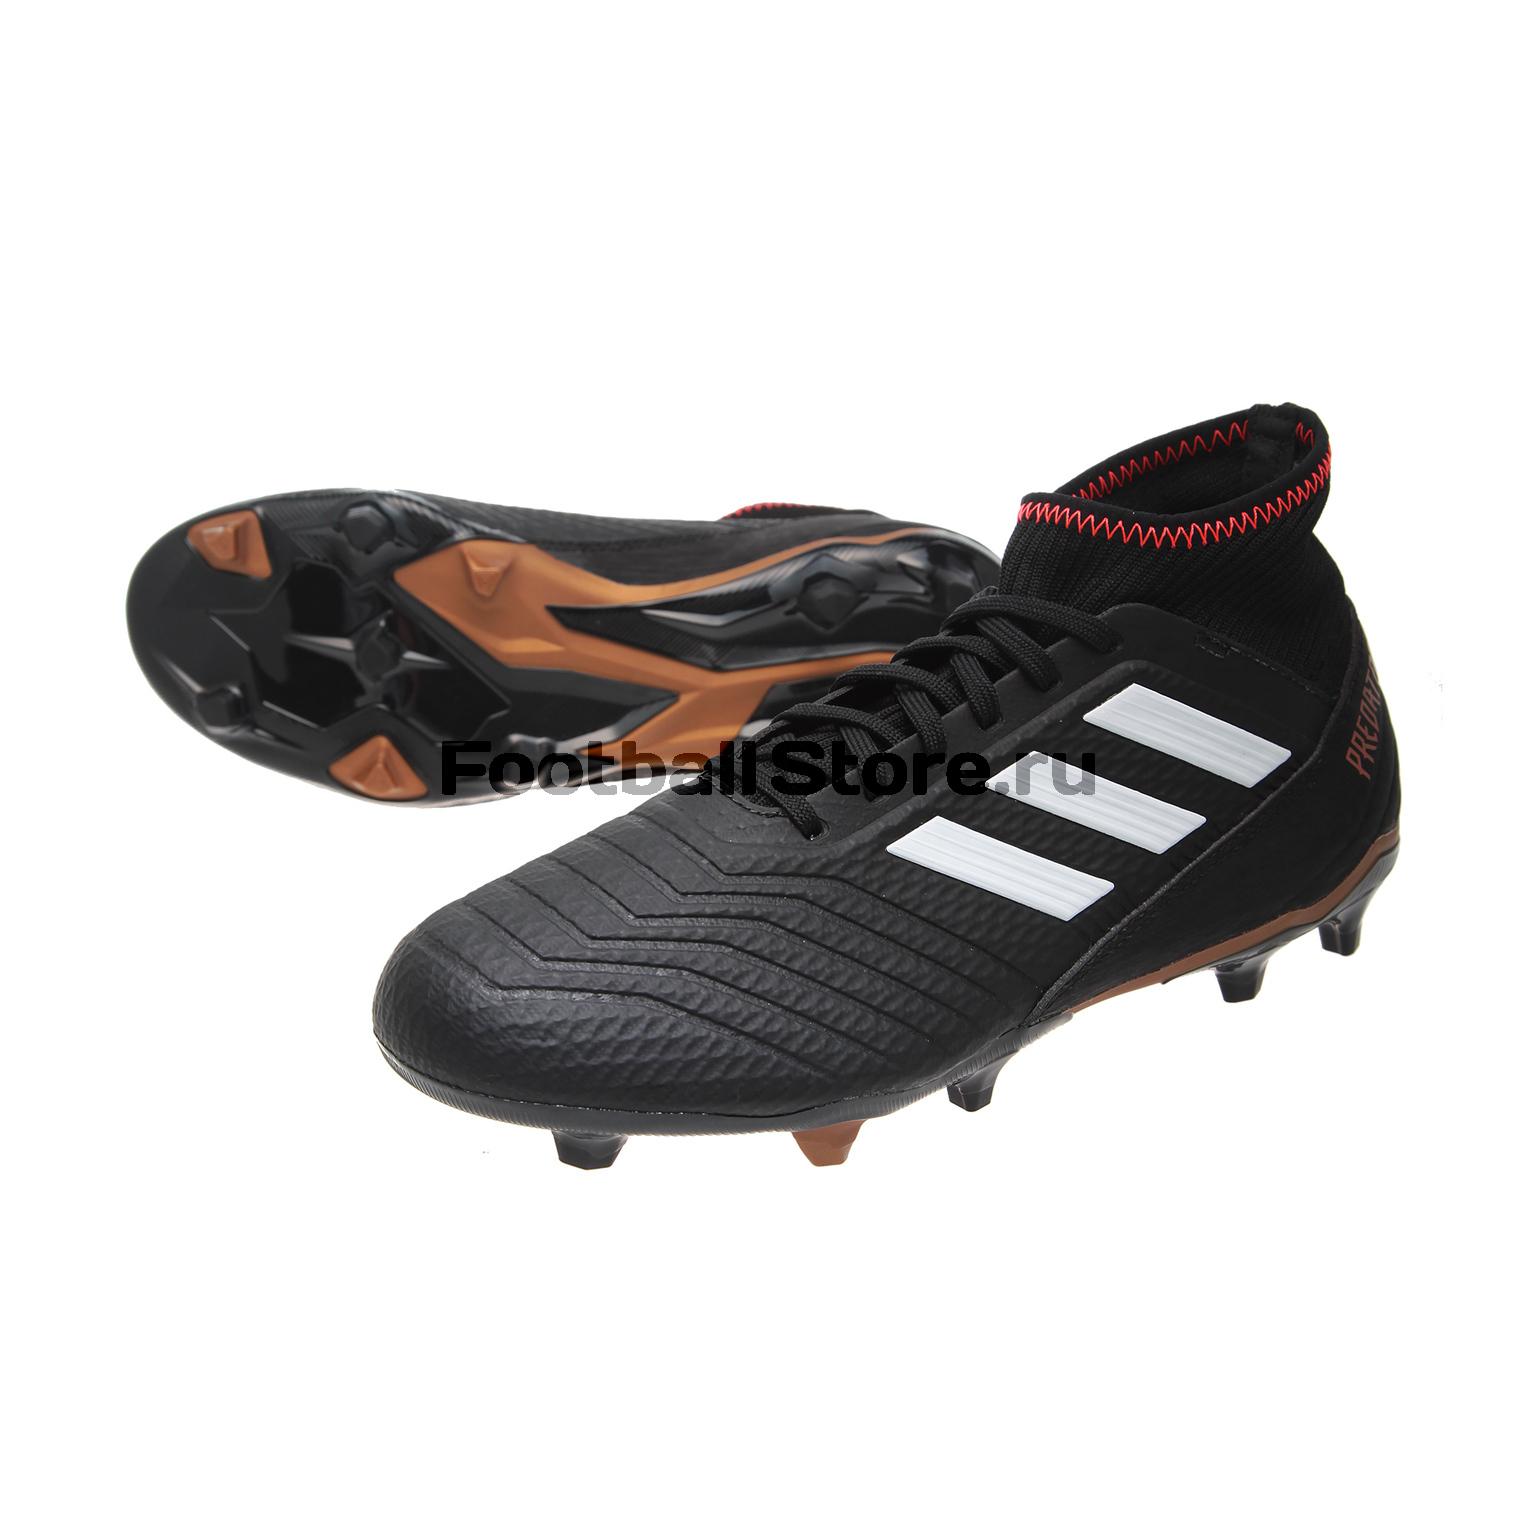 Игровые бутсы Adidas Бутсы Adidas Predator 18.3 FG CP9301 adidas adidas predator lz trx fg